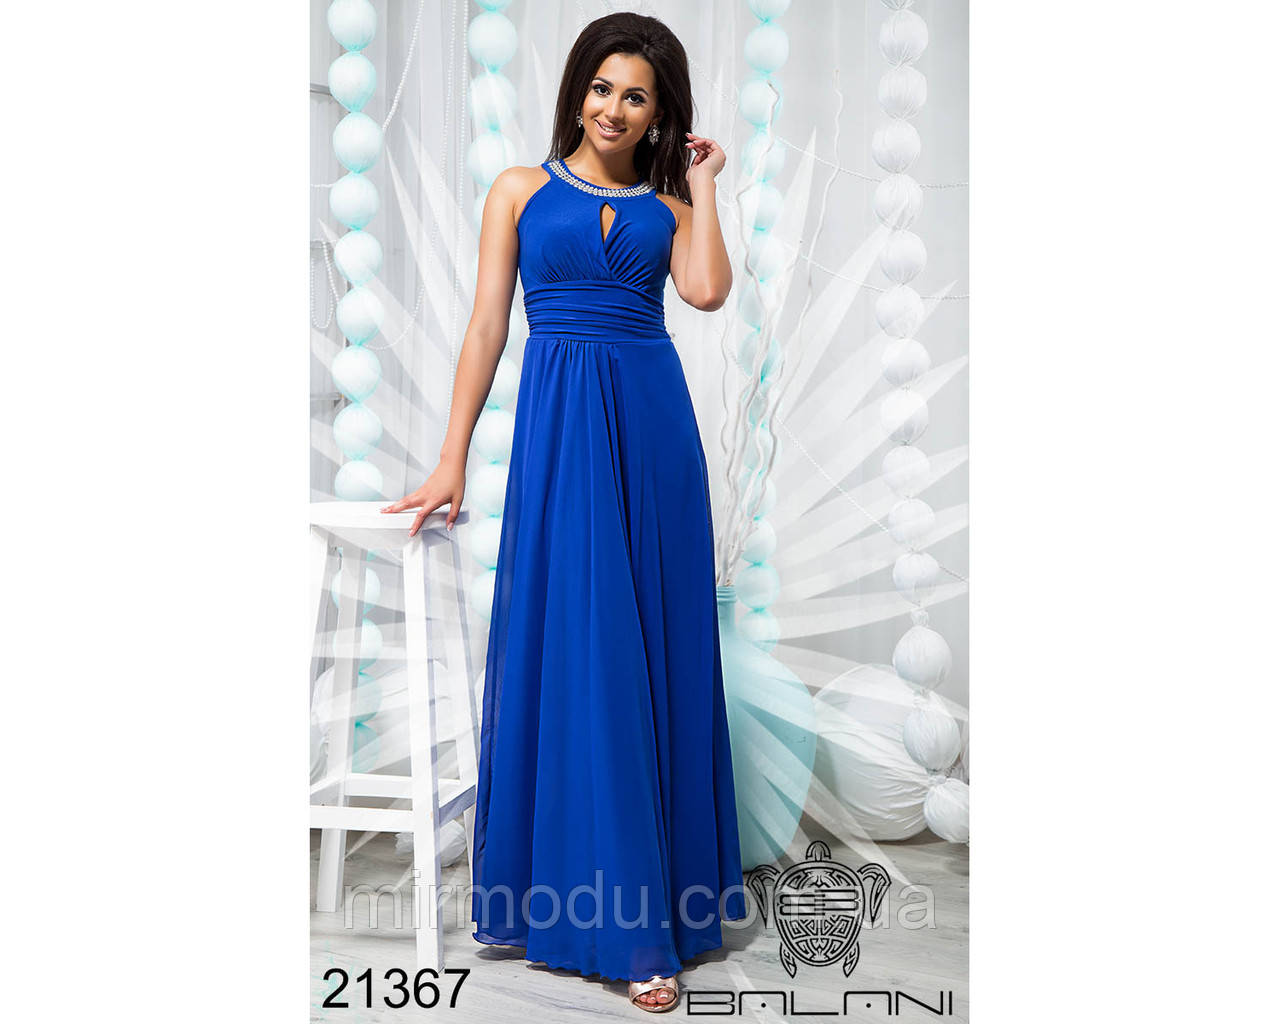 Элегантное вечернее платье в пол - 21367 размер ун 42-46 (бн)